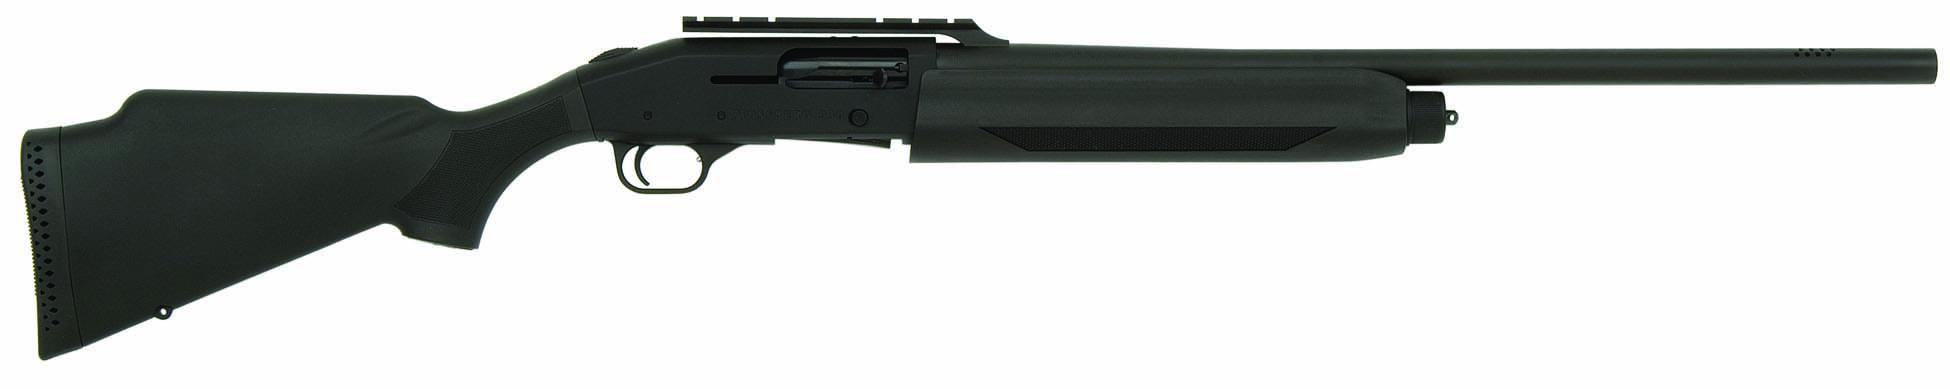 Mossberg 930 Slugster z osadą syntetyczną